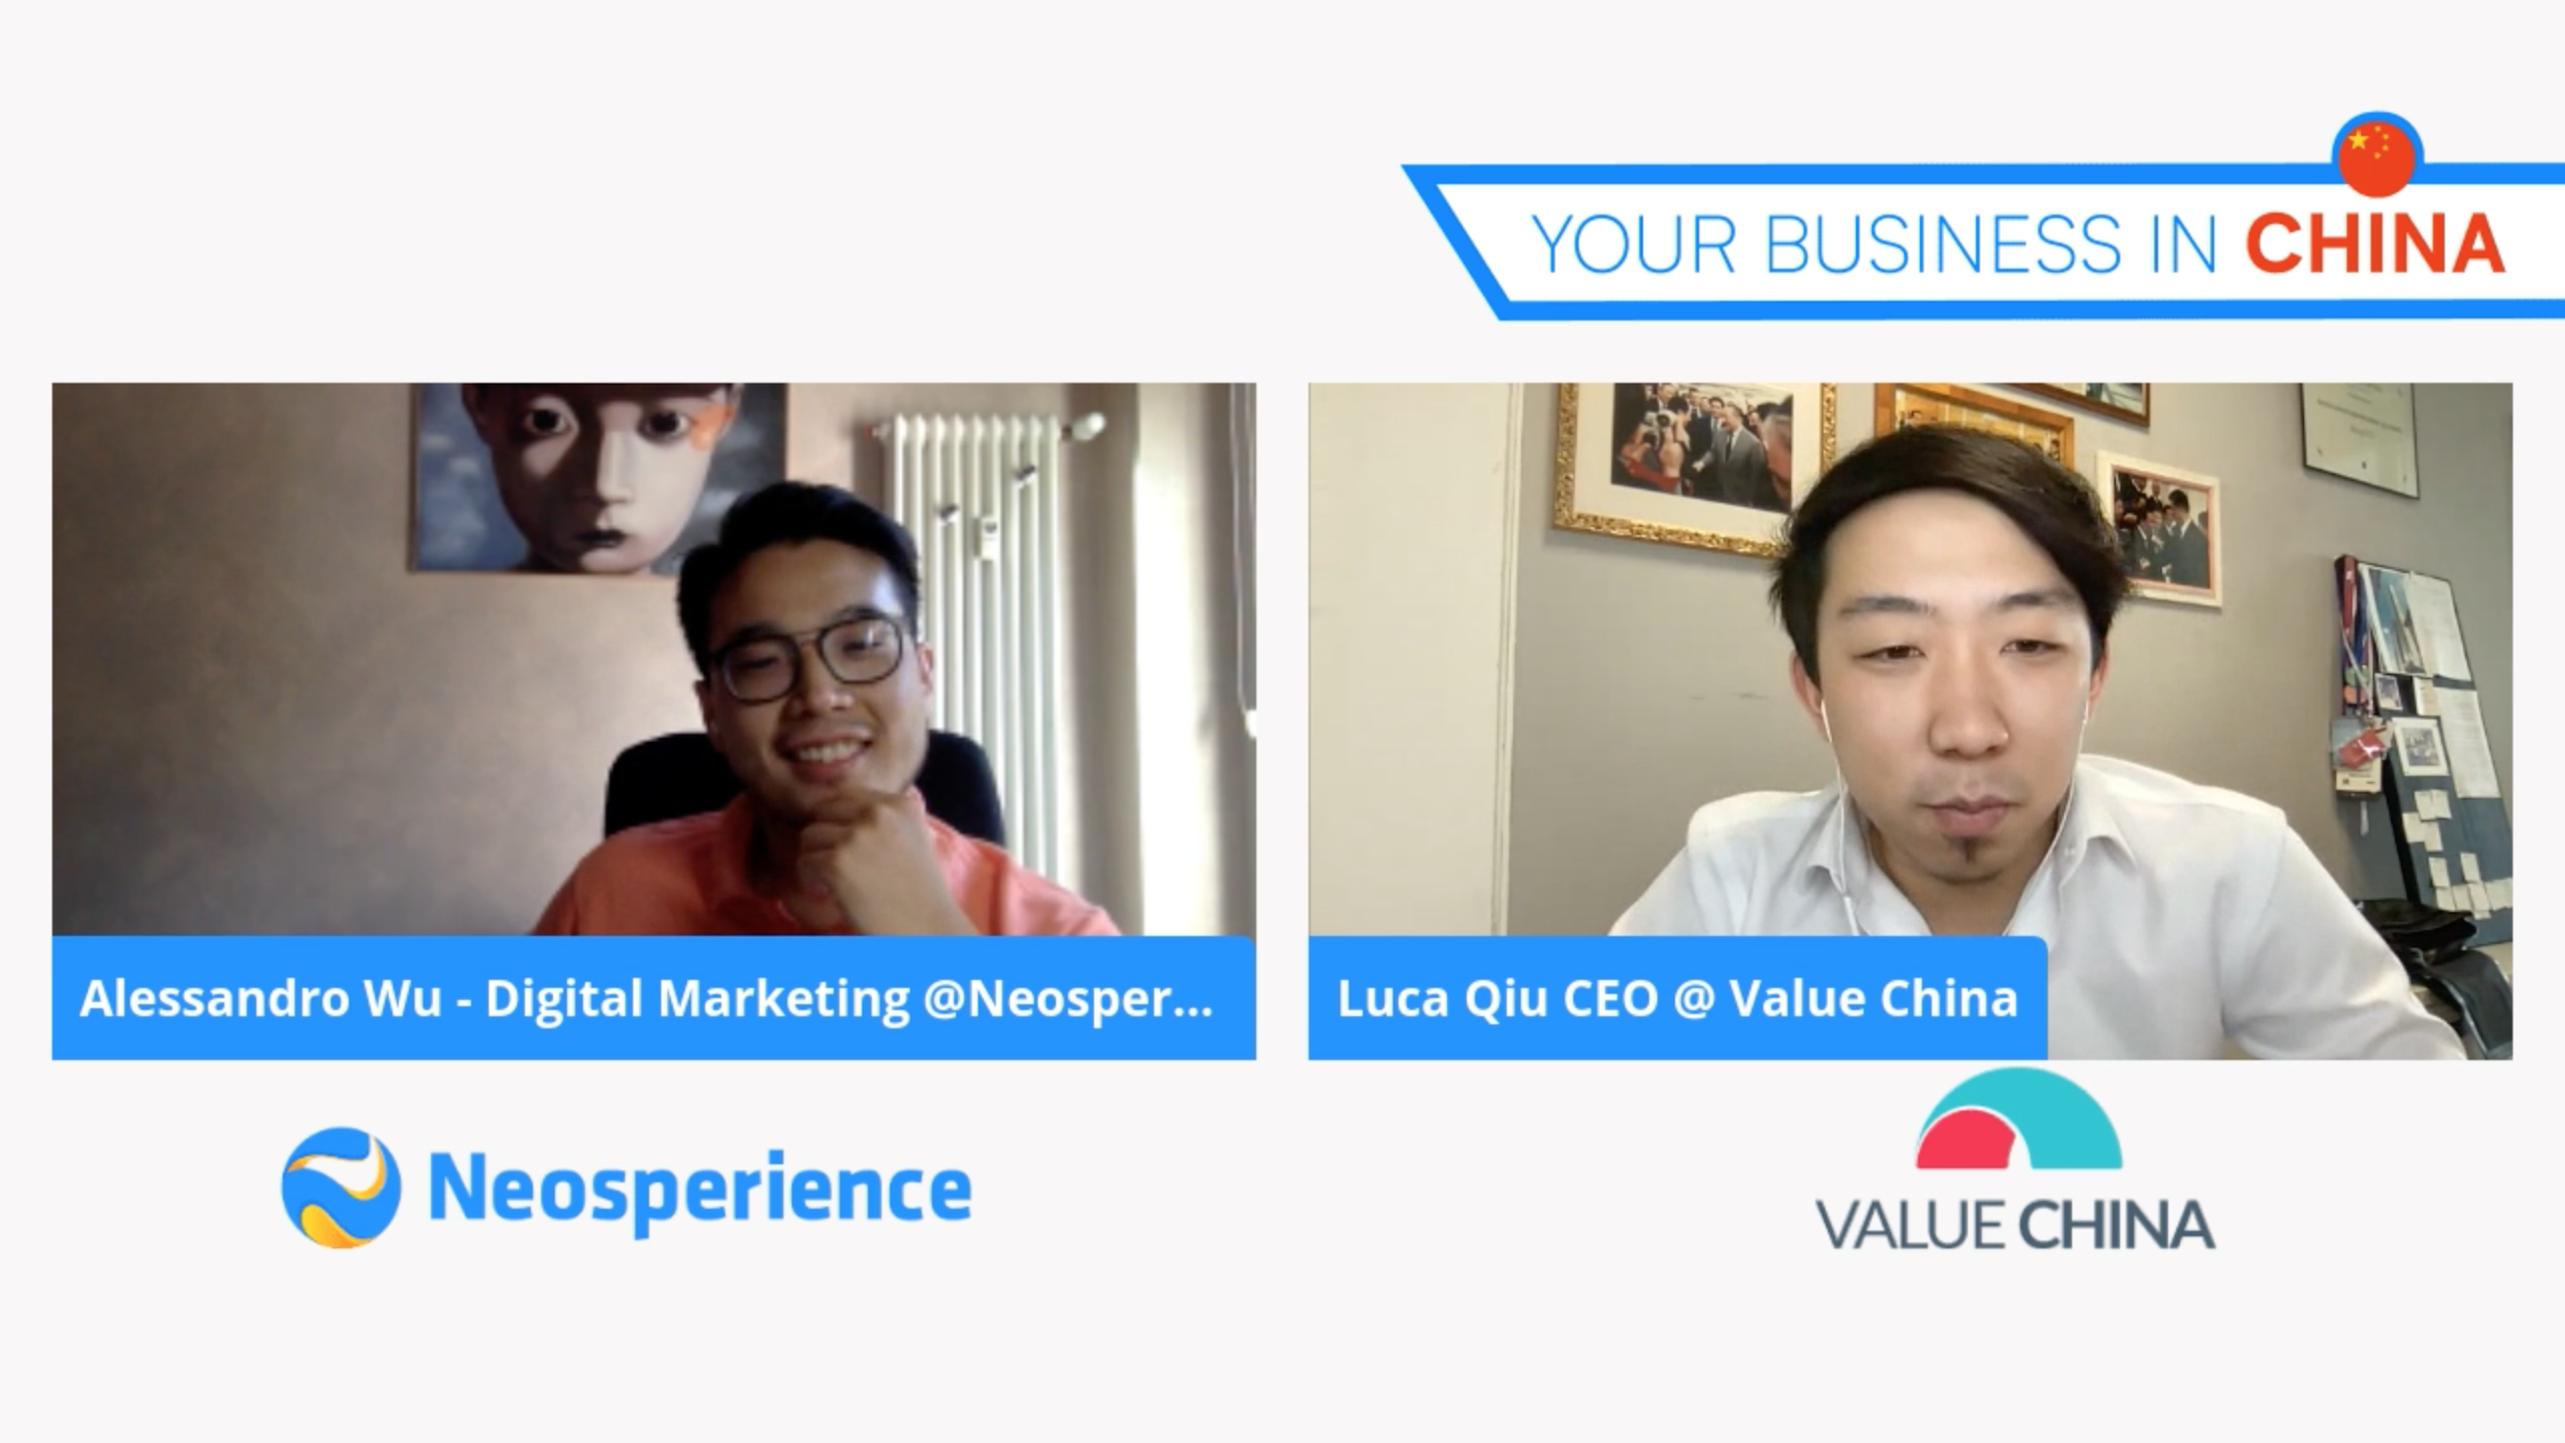 Ep 10 your business in china Il fenomeno dei micro influencers nasce in Cina: il ruolo dei KOL e KOC nello sviluppo del tuo brand in Cina